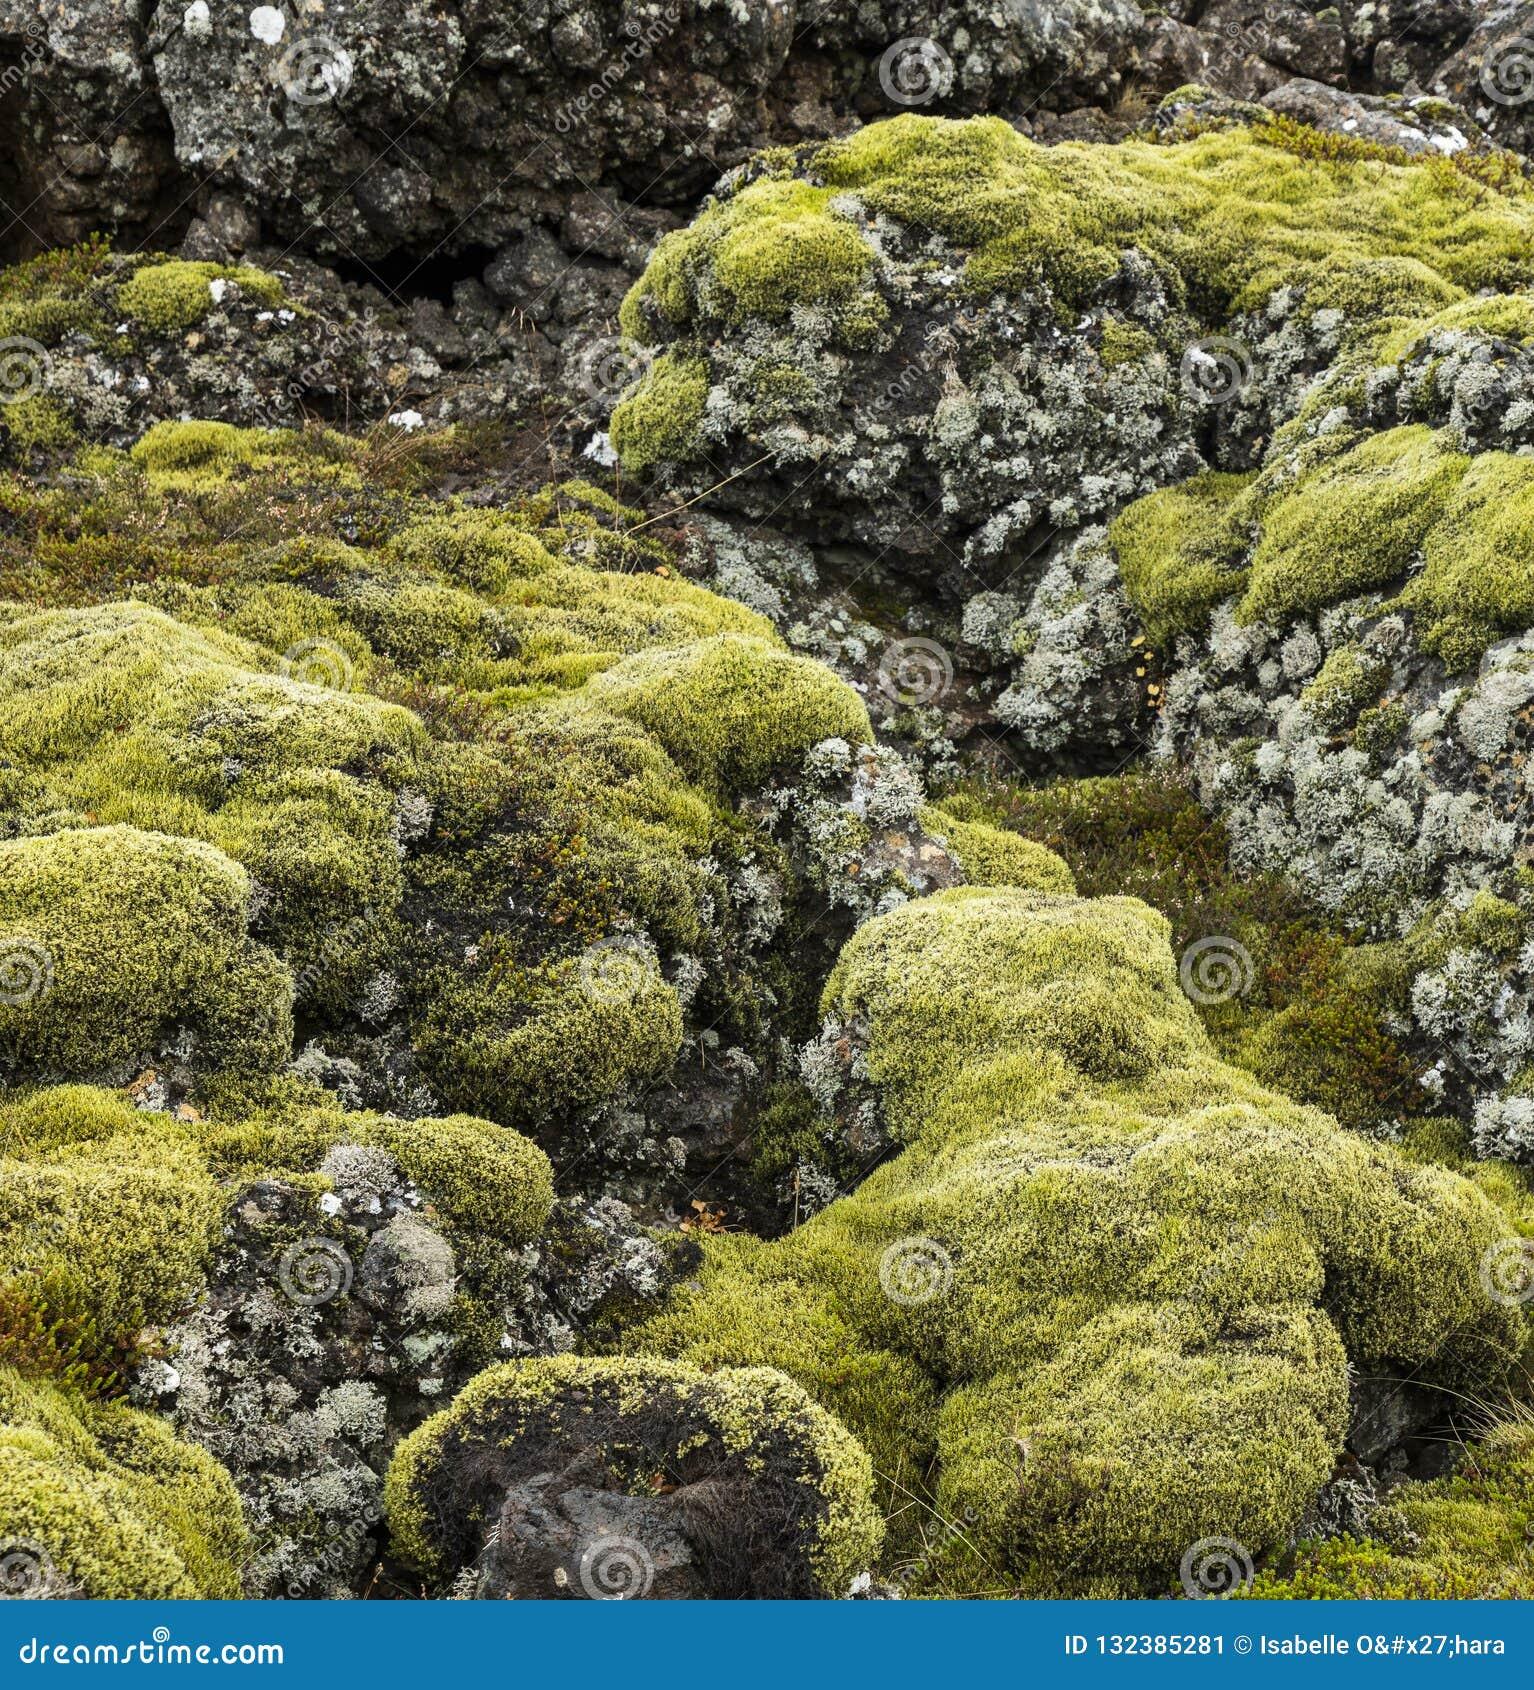 Яркий ый-зелен мох и серый лишайник покрыли базальт или вулканическую породу